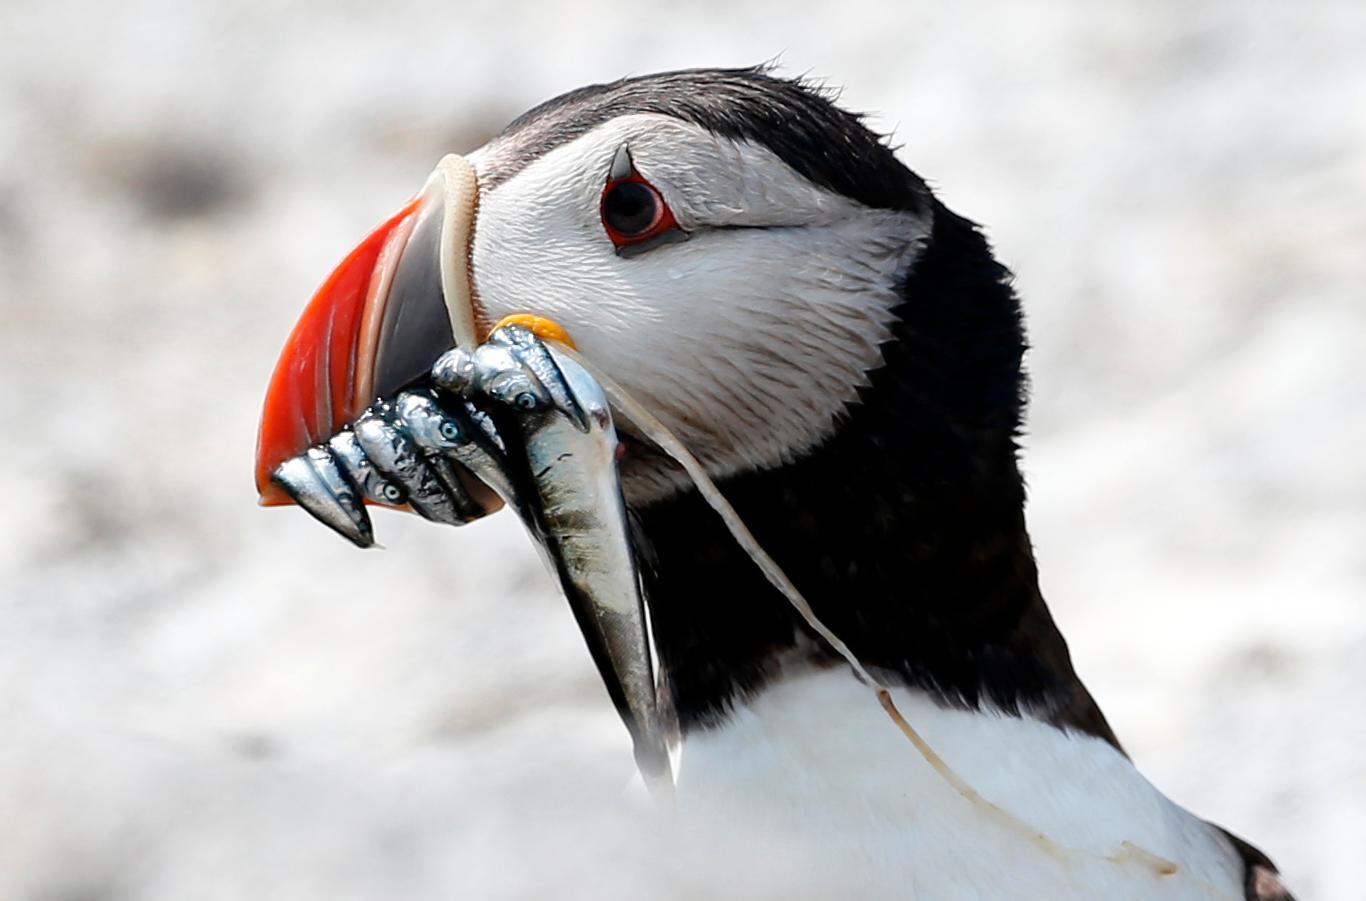 Lunnefågeln lever vid Nordatlanten med fisken kungstobis som primär föda. En fisk som industrifiskas för att bli till jordbruksfoder och gödselmedel.